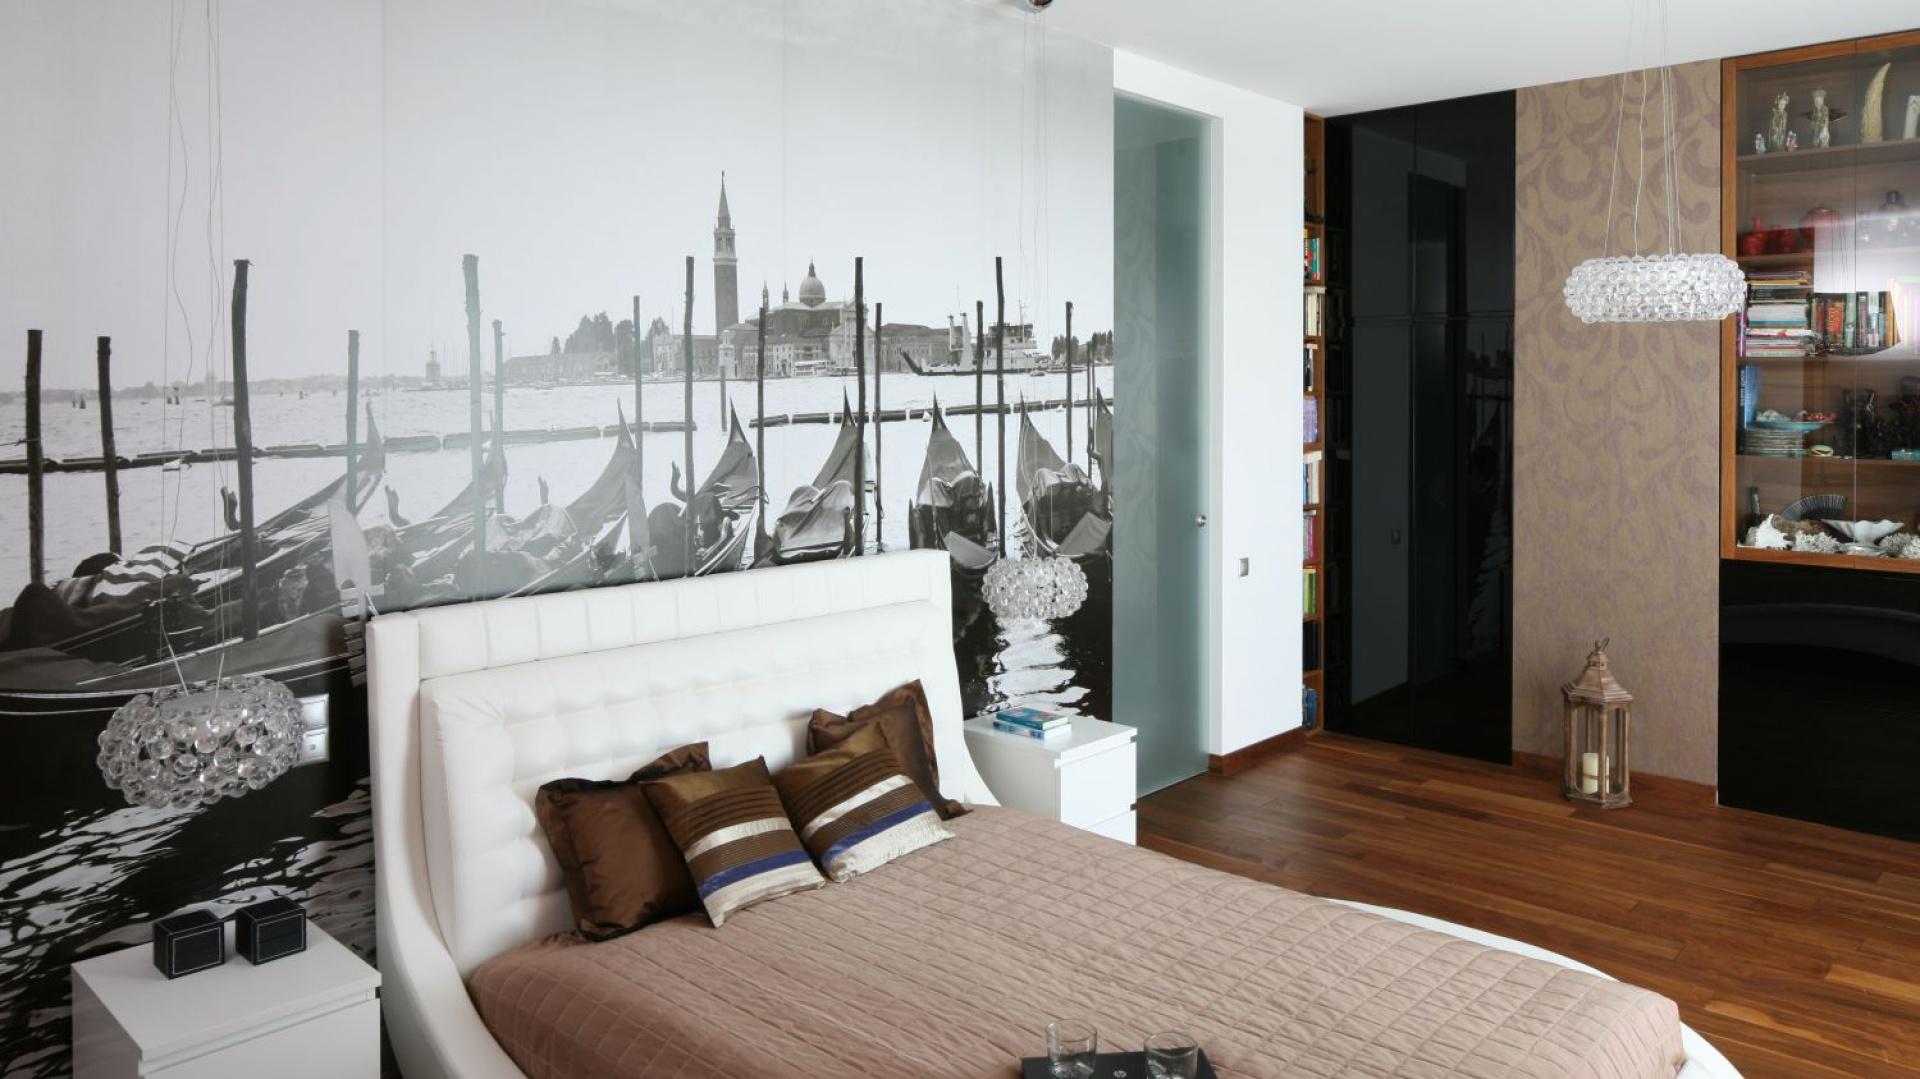 Główną dekoracja sypialni jest czarno-biała tapeta z widokiem na Plac św. Marka w Wenecji. Zdobi on całą ścianę za wezgłowiem łoża, które swa forma nawiązuje do gondoli weneckich ze zdjęcia. Projekt: Anna Maria Sokołowska. Fot. Bartosz Jarosz.